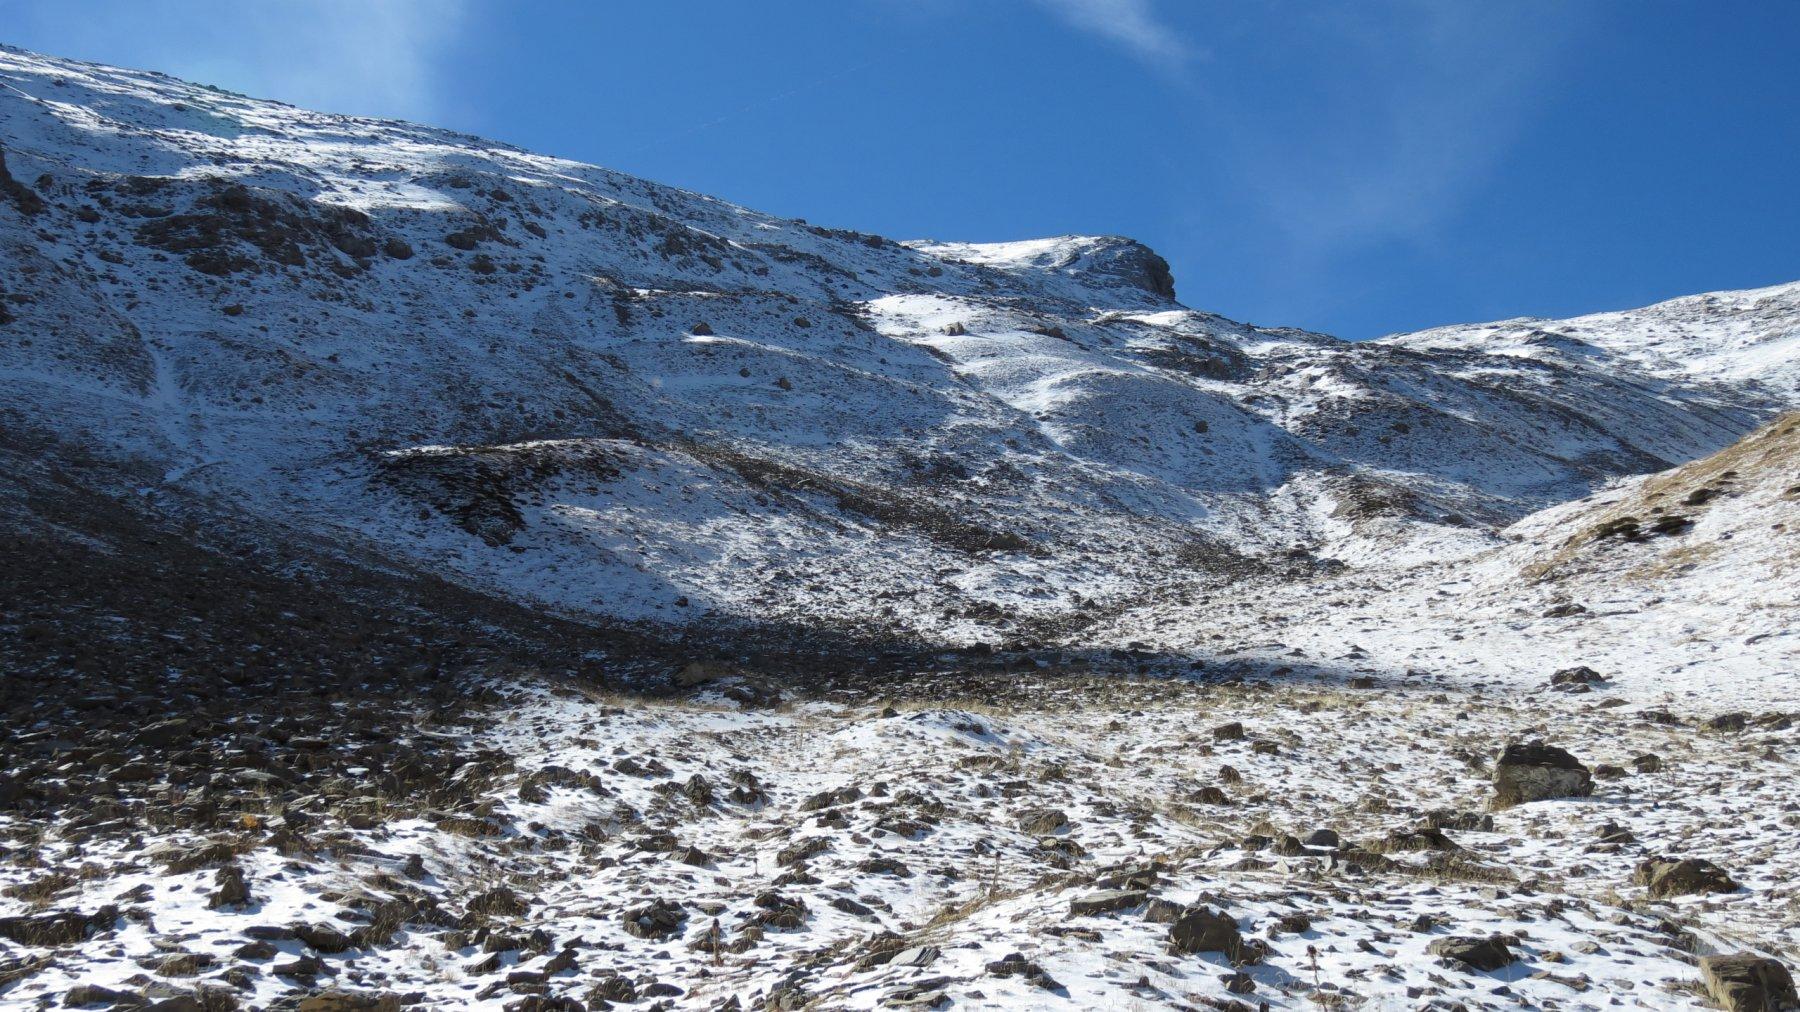 la prima neve incontrata, a quota 2500 m circa nel Vallon de Font Crèse (17-10-2015)